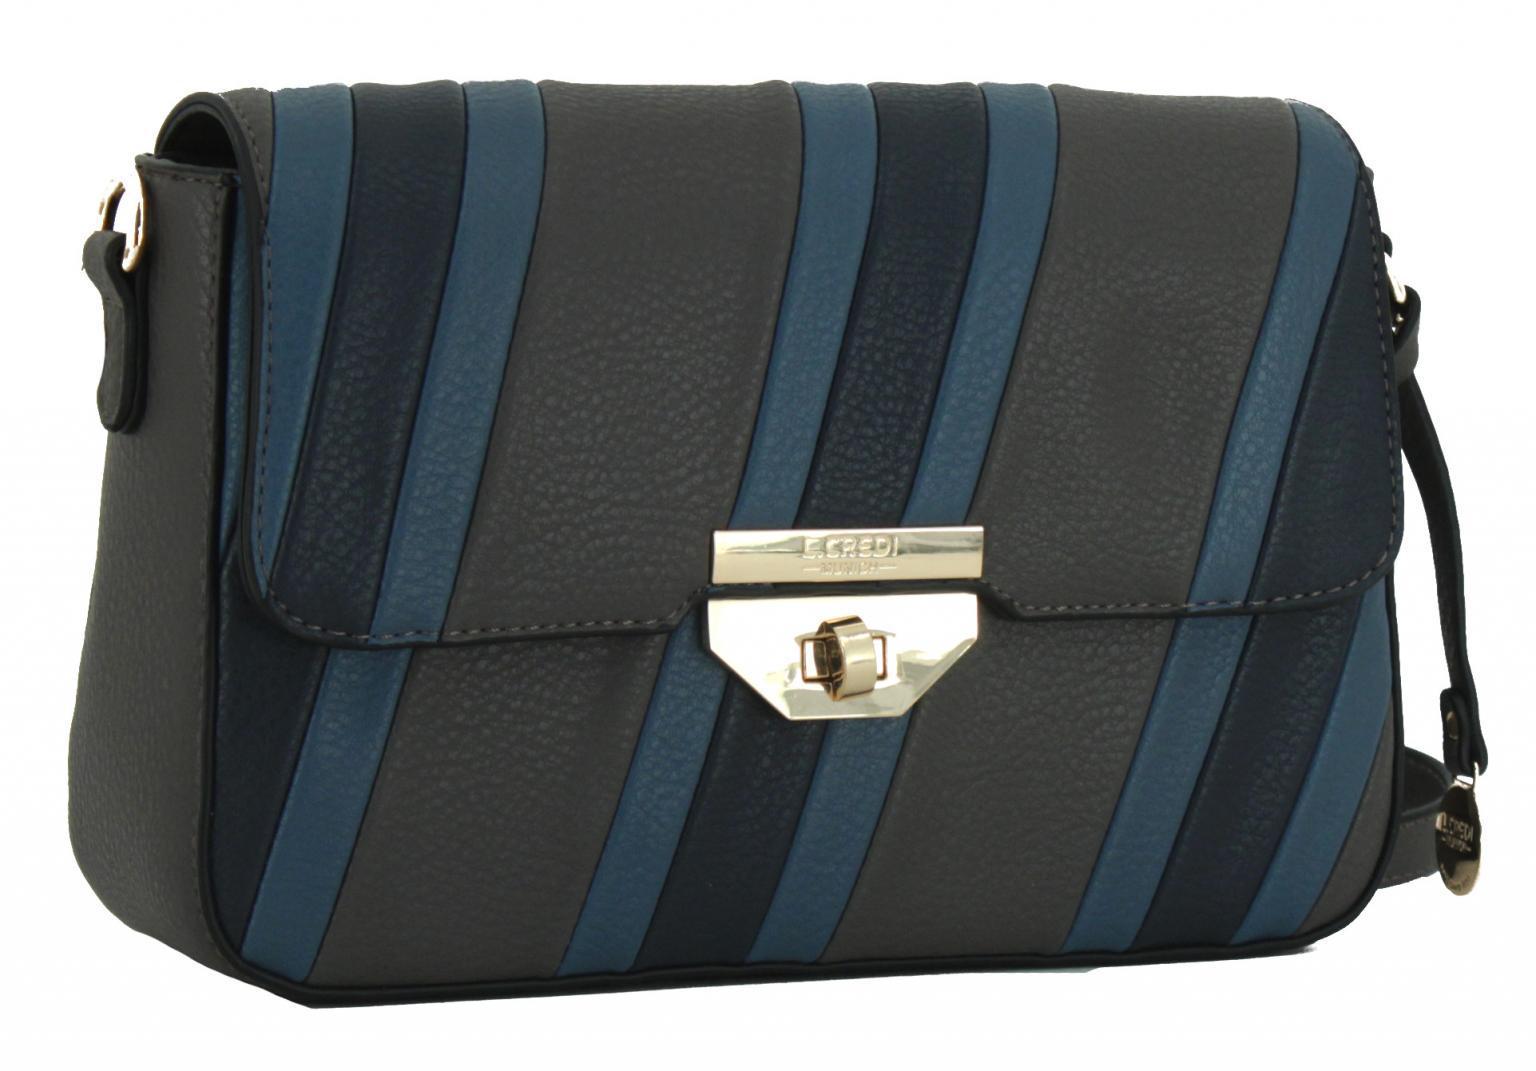 L.Credi Umhängetasche mit Überschlag Brittany grau blau